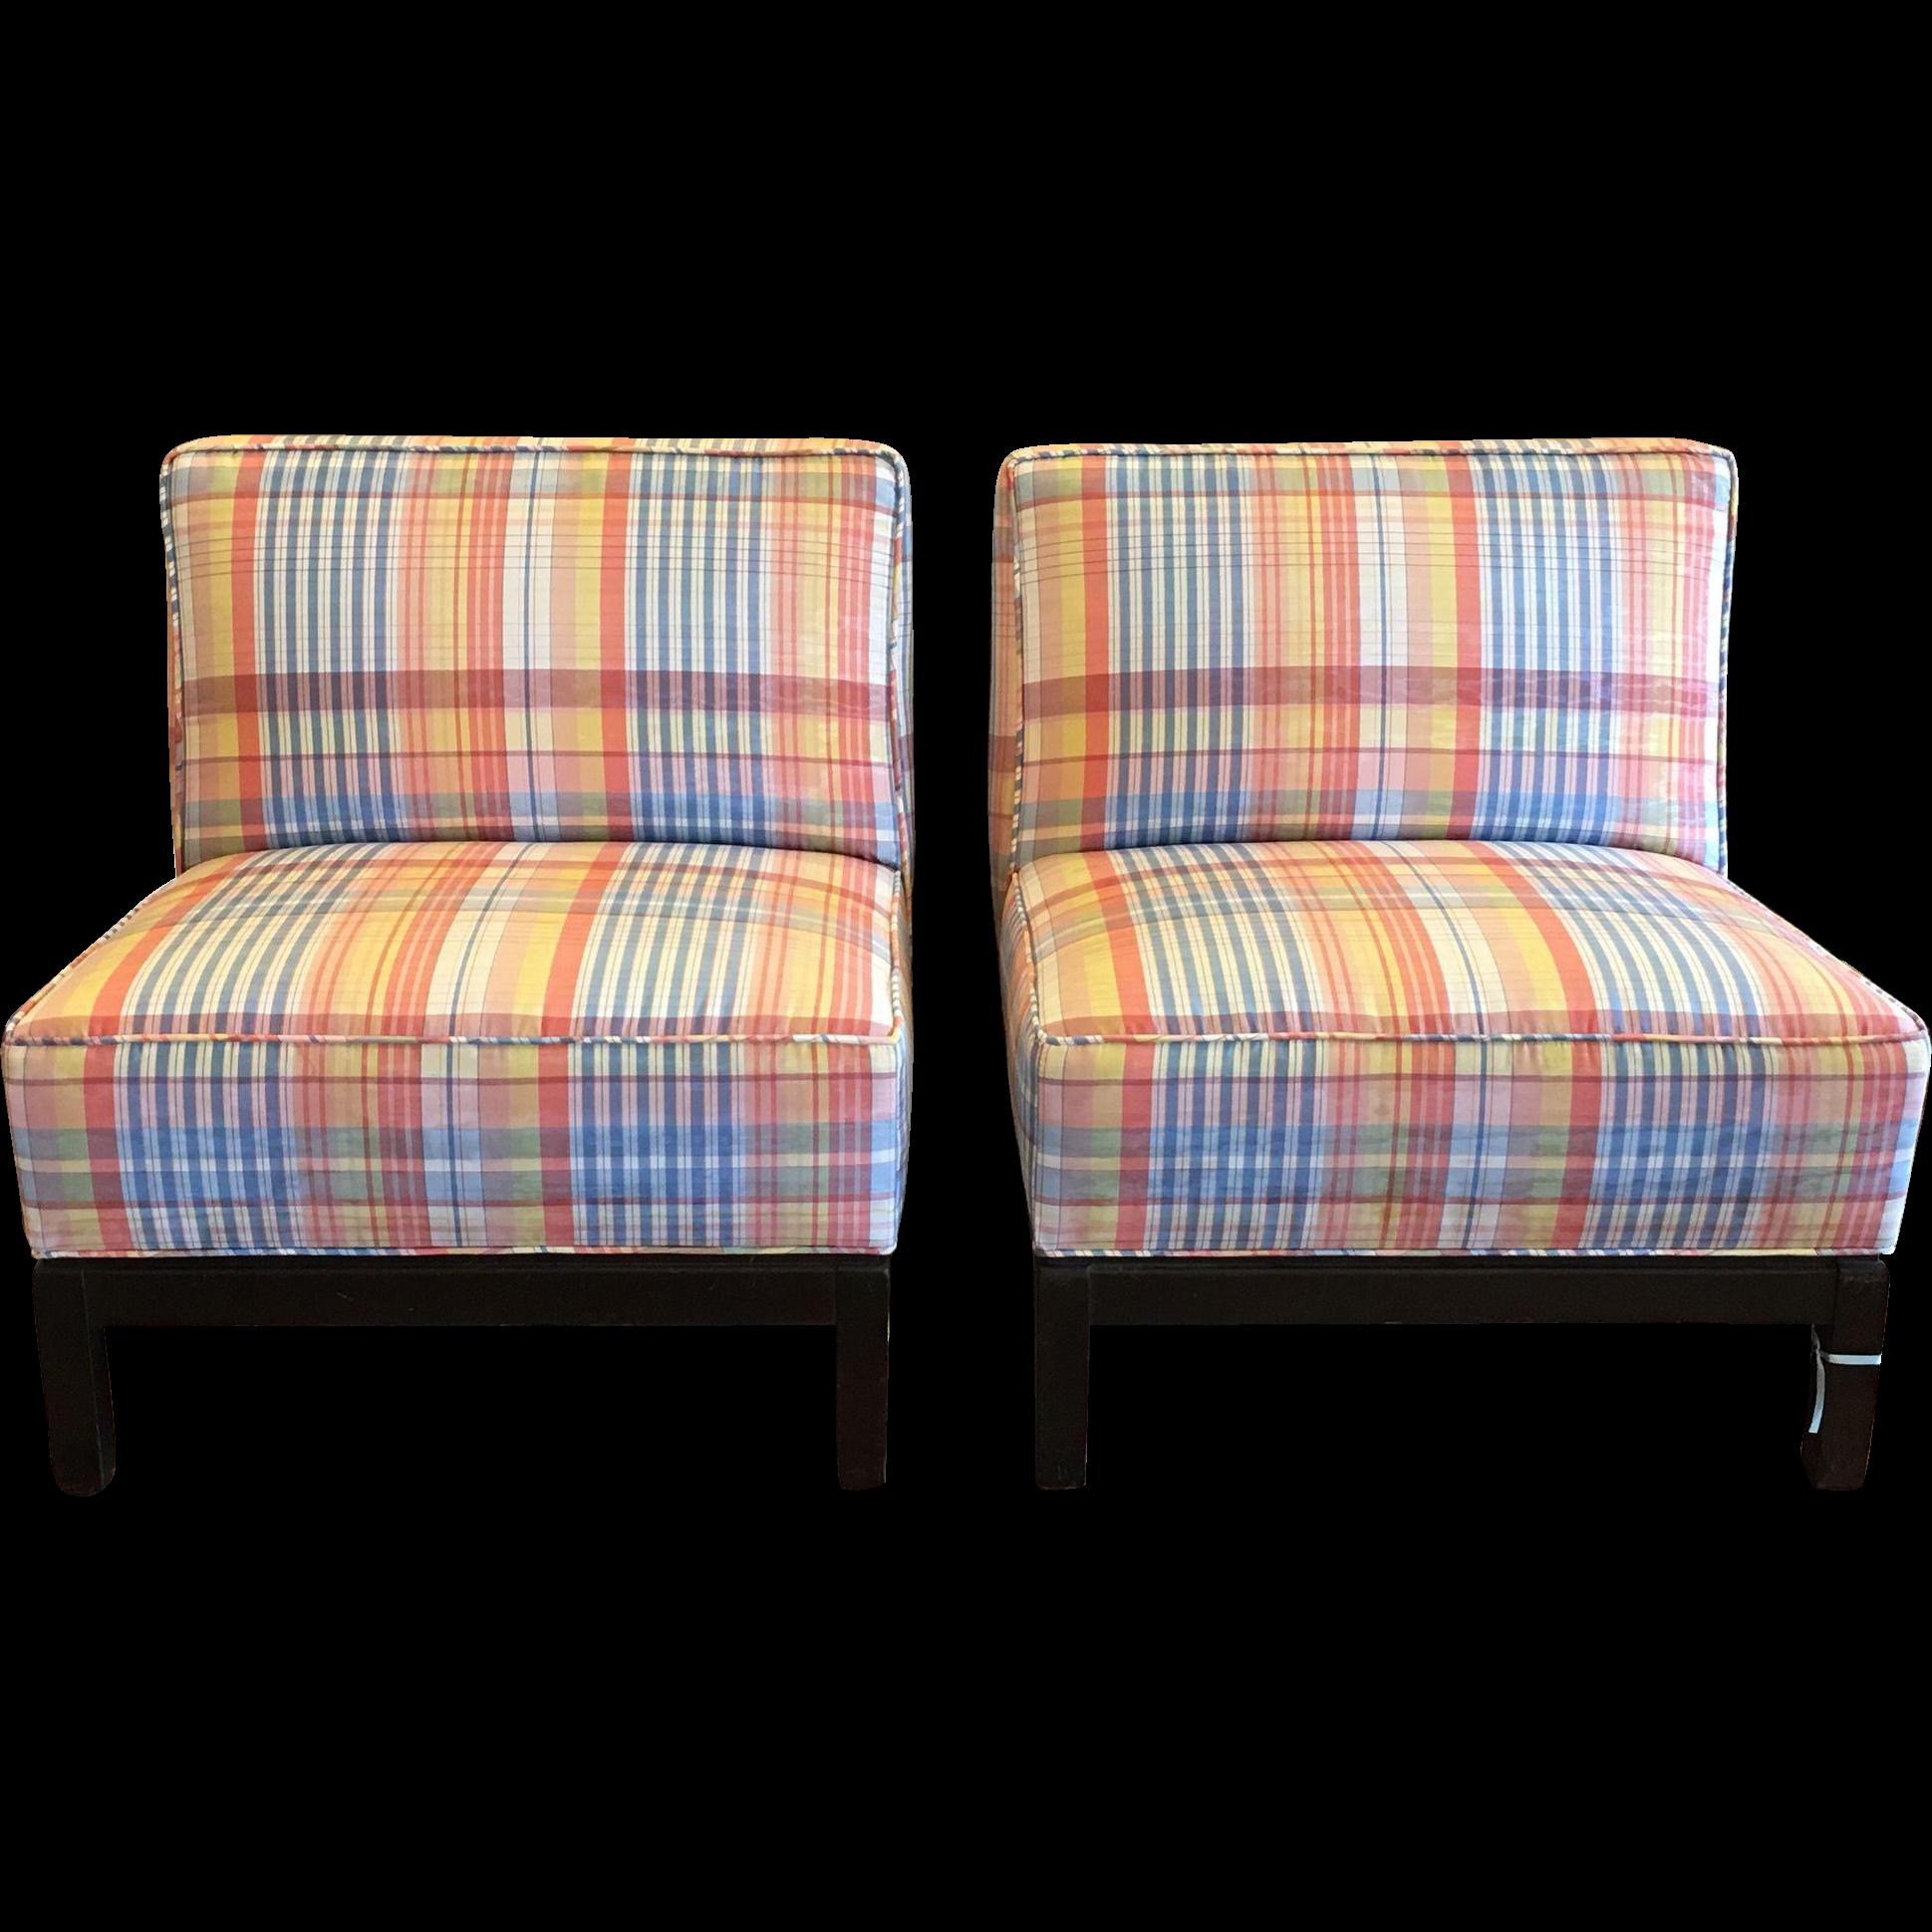 Exquisite Pair of PROSPR Art Deco Designer Slipper Chairs